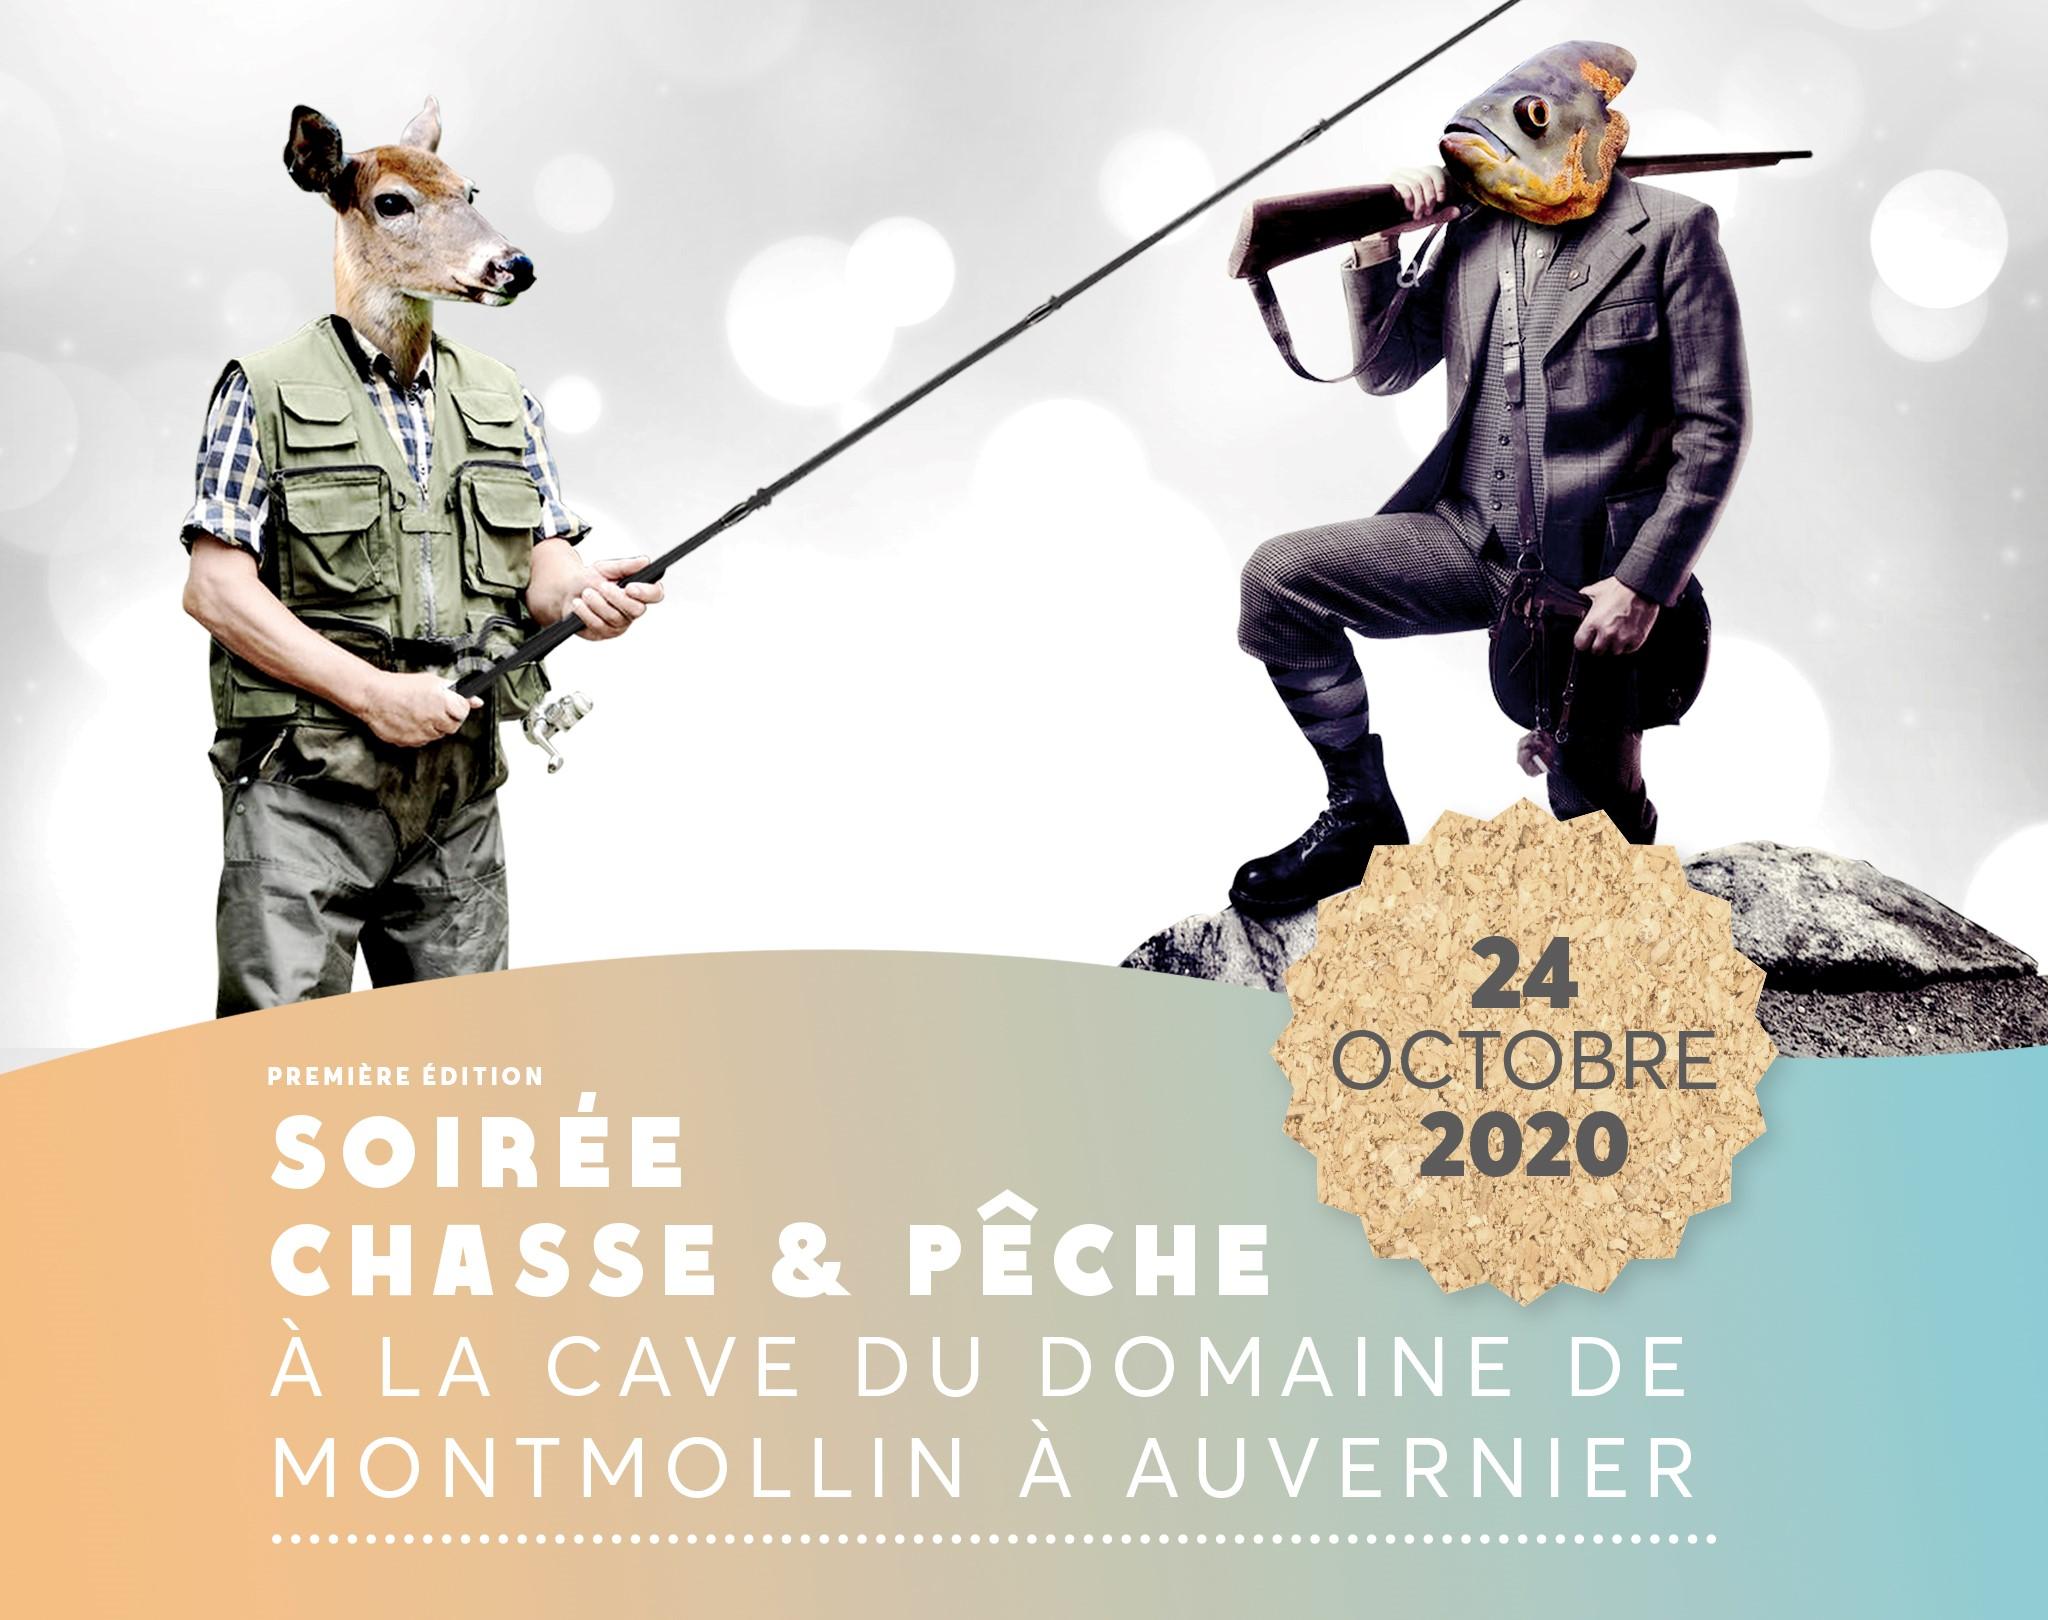 Soirée chasse et pêche 24 octobre